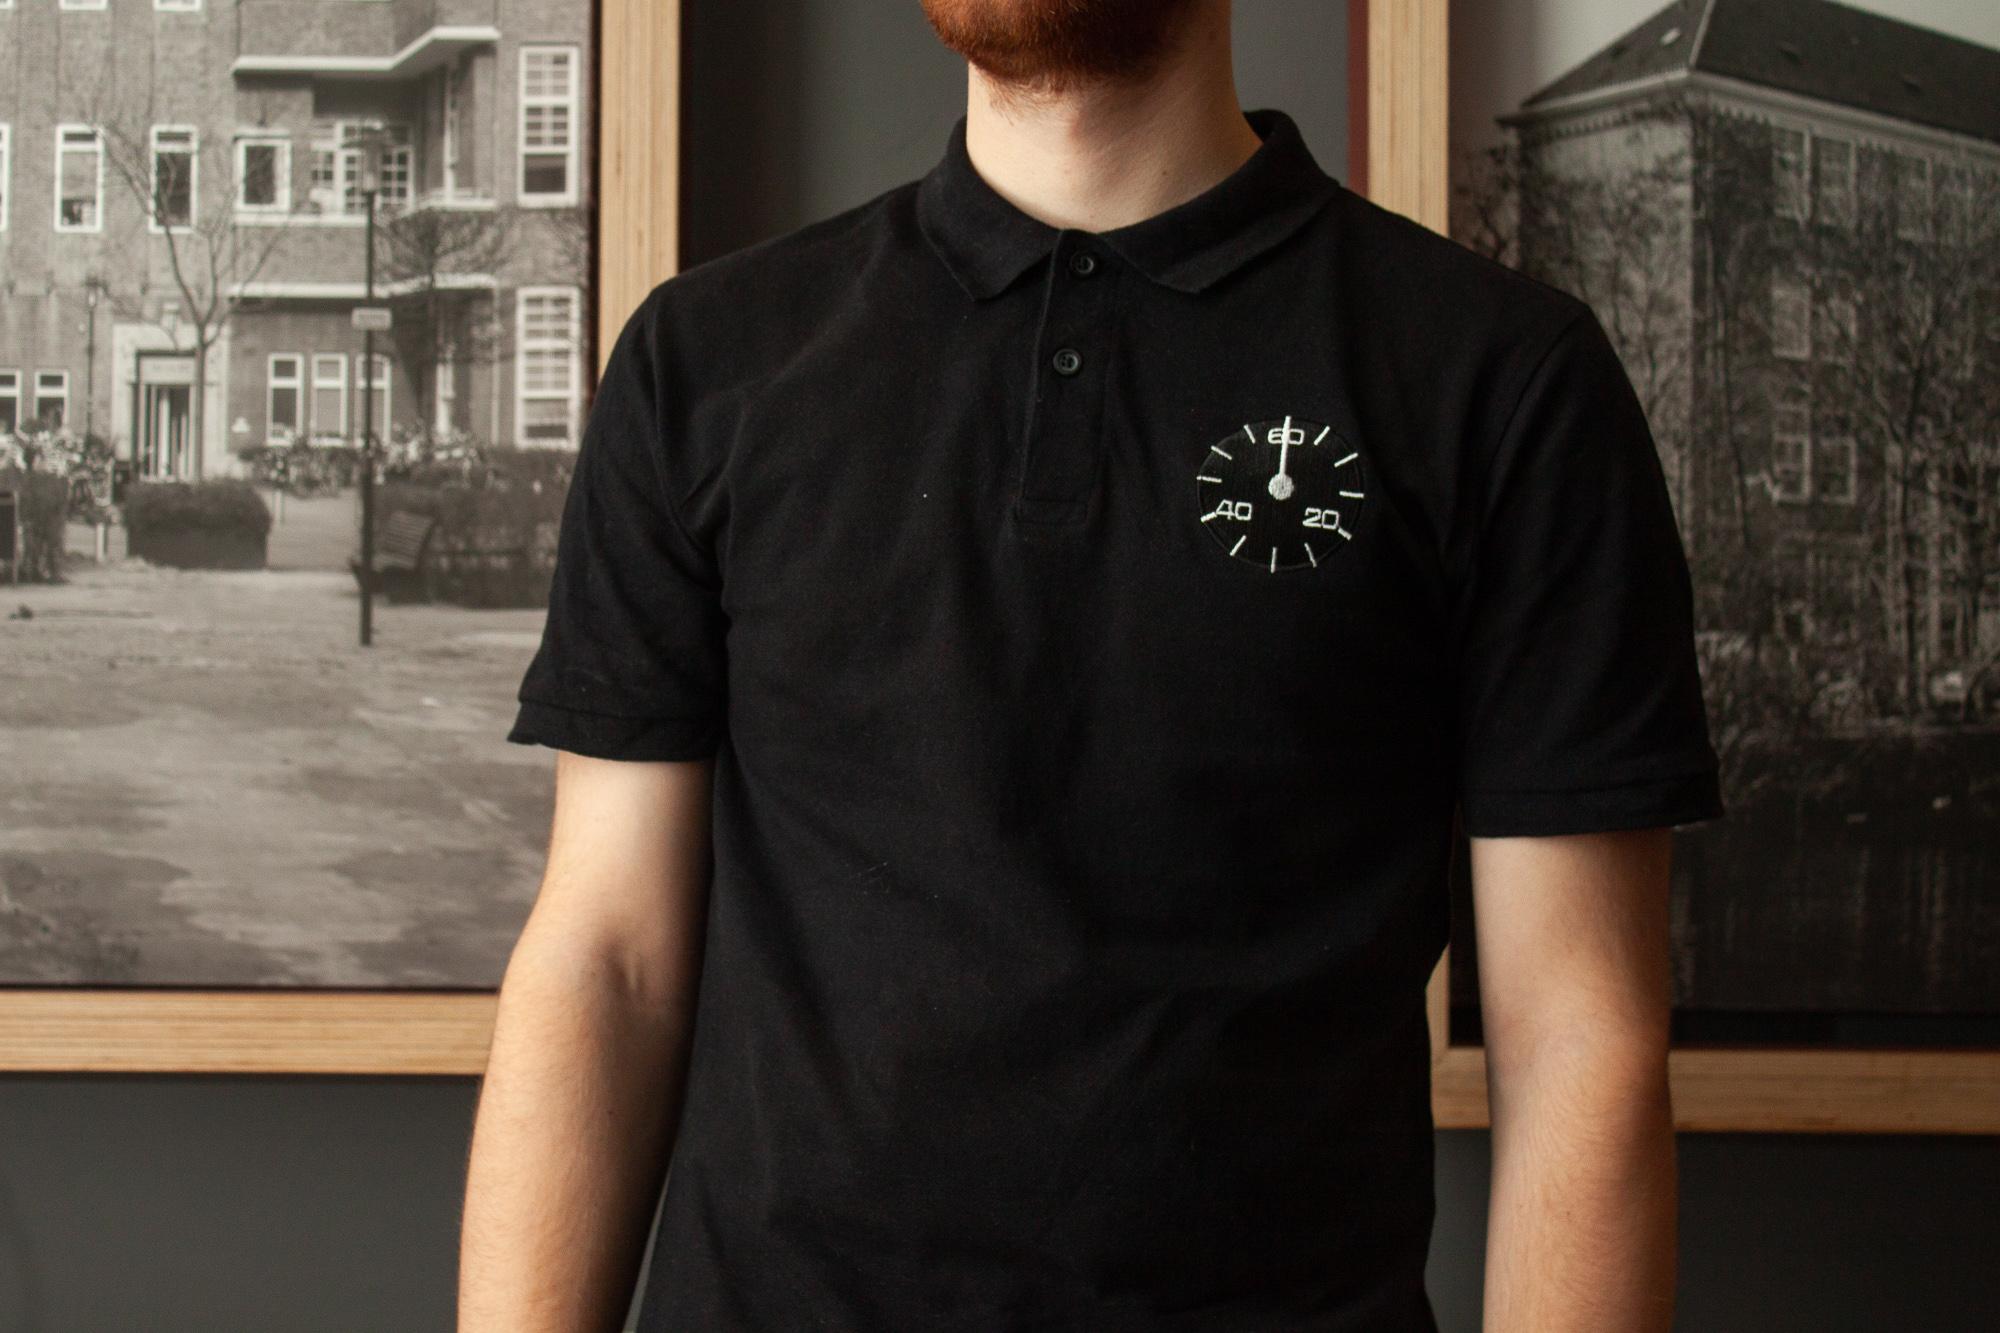 shirts bedrukken, t-shirt, klokken, zwarte shirt, dali, webshop, illustratie laten maken, t-shirts laten ontwerpen, thirts borduren, ontwerpen, cadeaushop Rotterdam, Delfshaven winkels, shop, horloges, horlogeprints